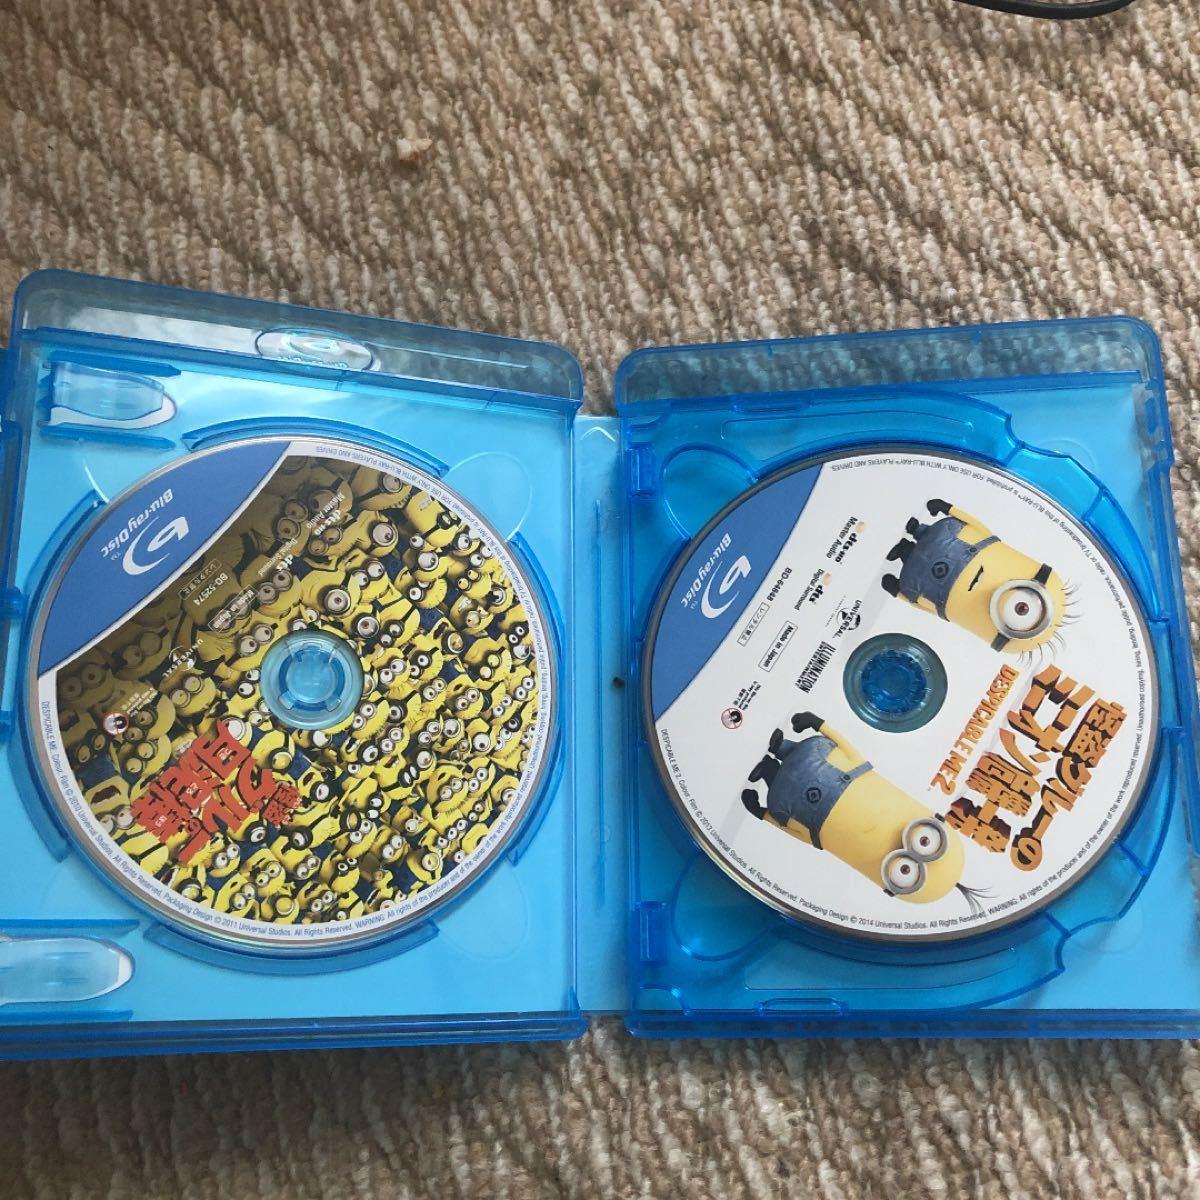 BD ミニオンズ&怪盗グルー+ボーナスDVDディスク付き ブルーレイシリーズパック 初回生産限定 [NBC]